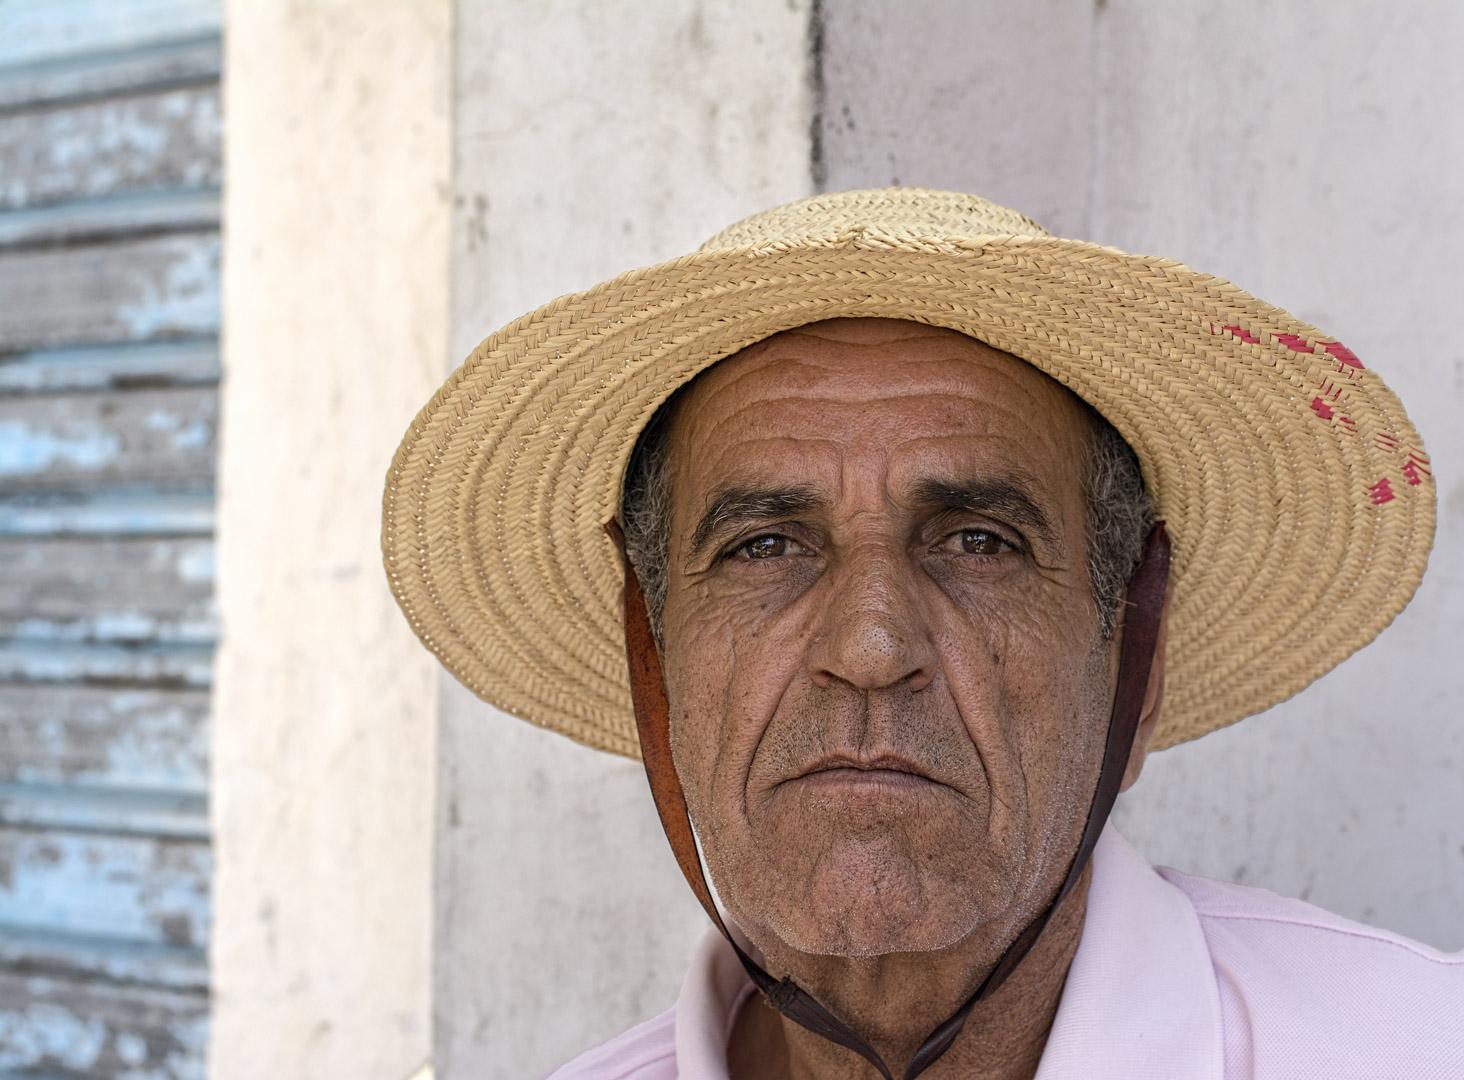 Fotografická expedice Djerba 2017 reportážní fotograf praha Jakub Morávek Djerba photography -130